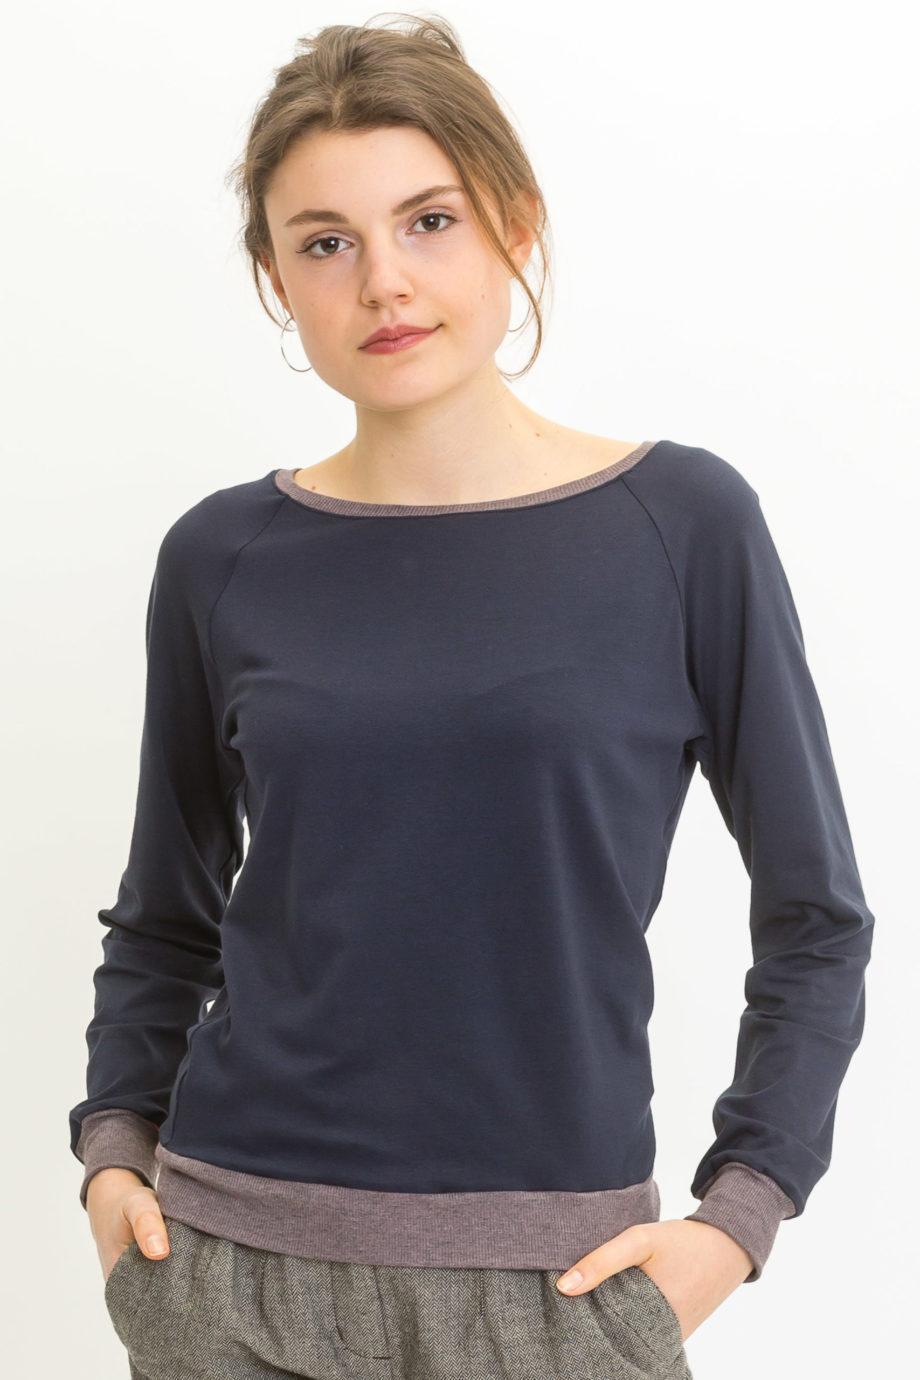 Frau trägt marineblaues Langarmshirt von UVR CONNECTED (LORAINA) aus Viskose mit U-Boot-Ausschnitt, Raglanärmeln und Kontrastbündchen. Fair produziert in Europa. / pussyGALORE / Leipzig